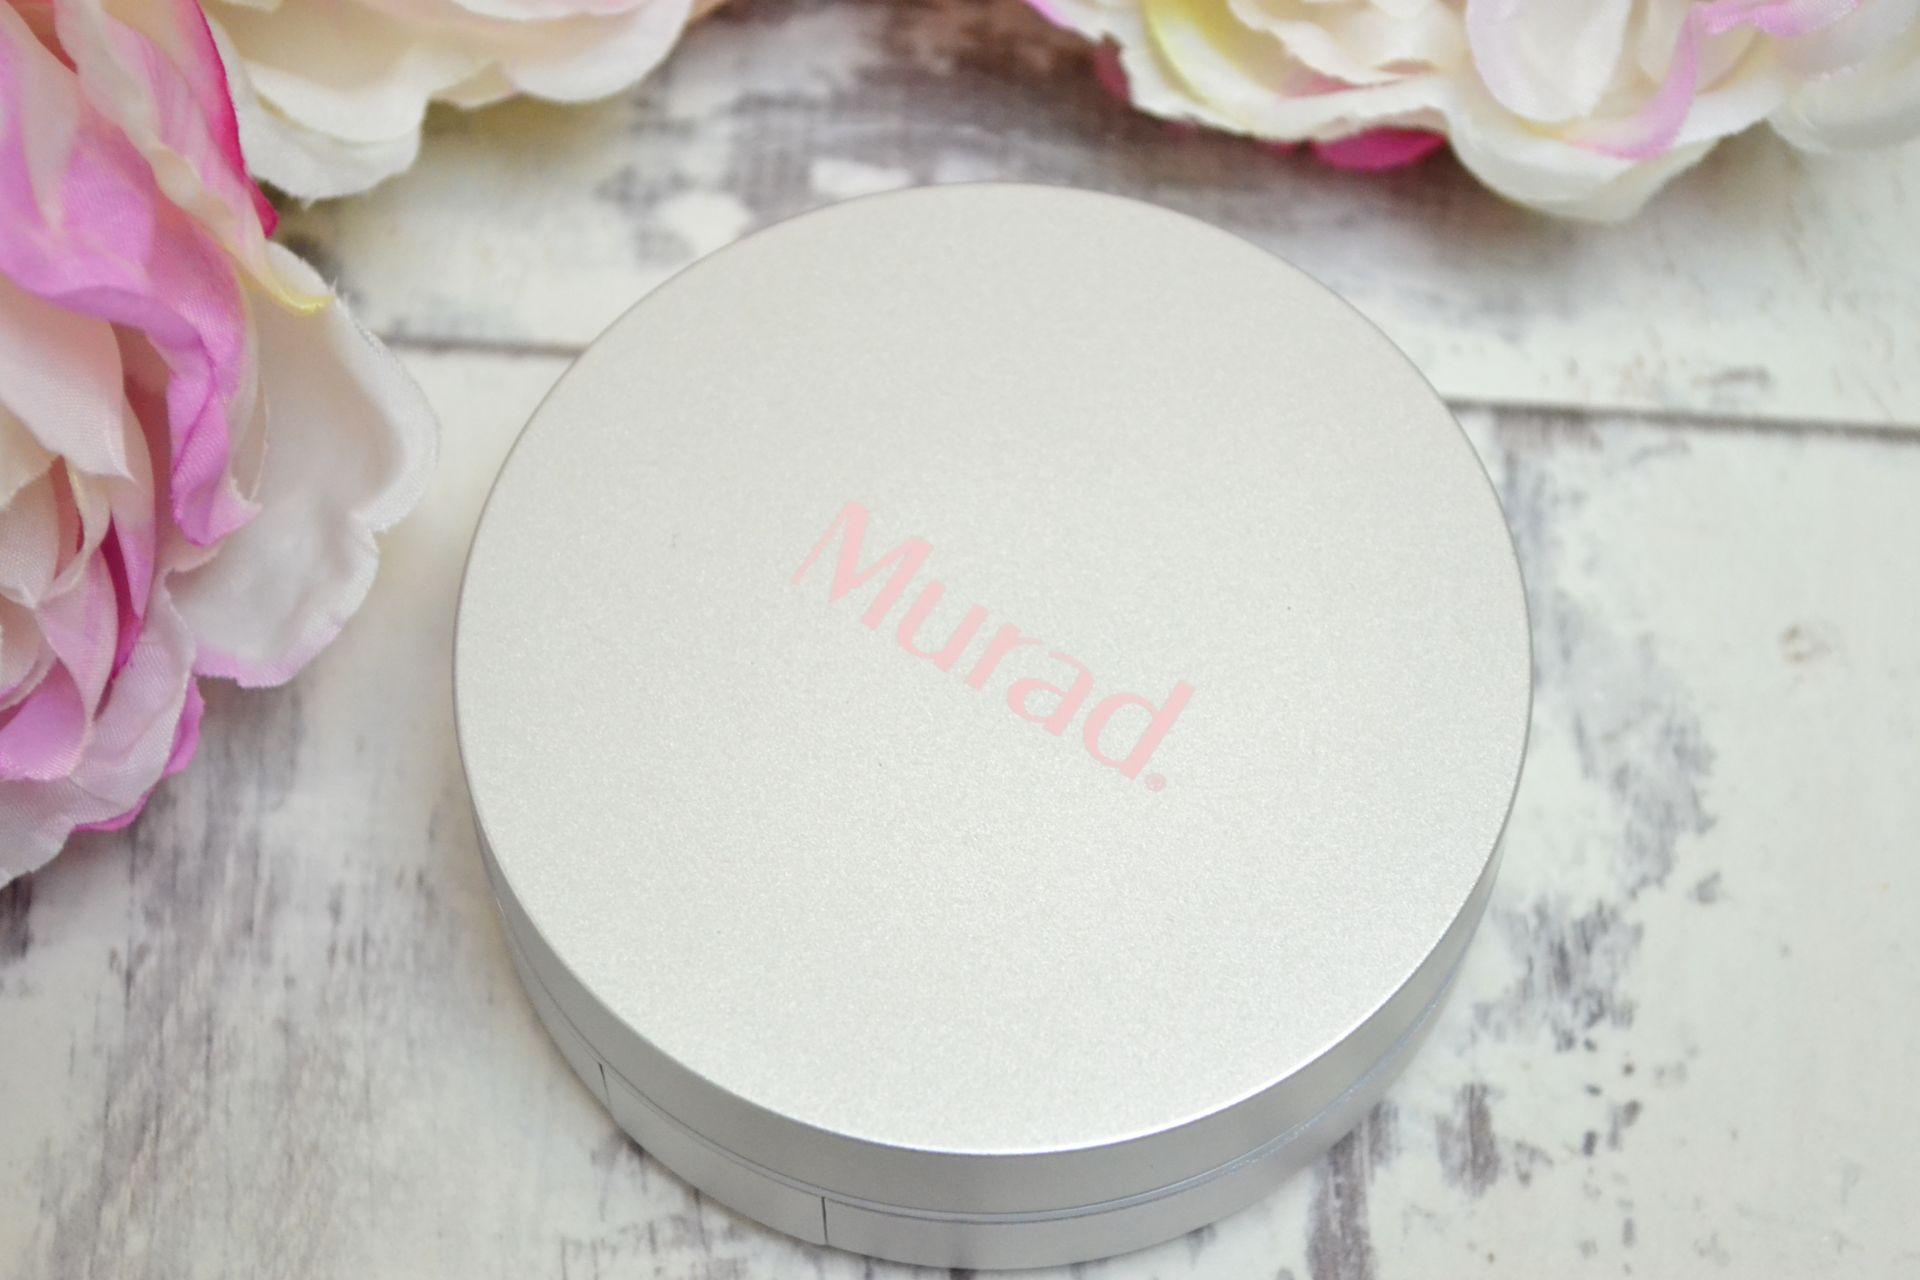 murad-matteffect-blotting-perfector